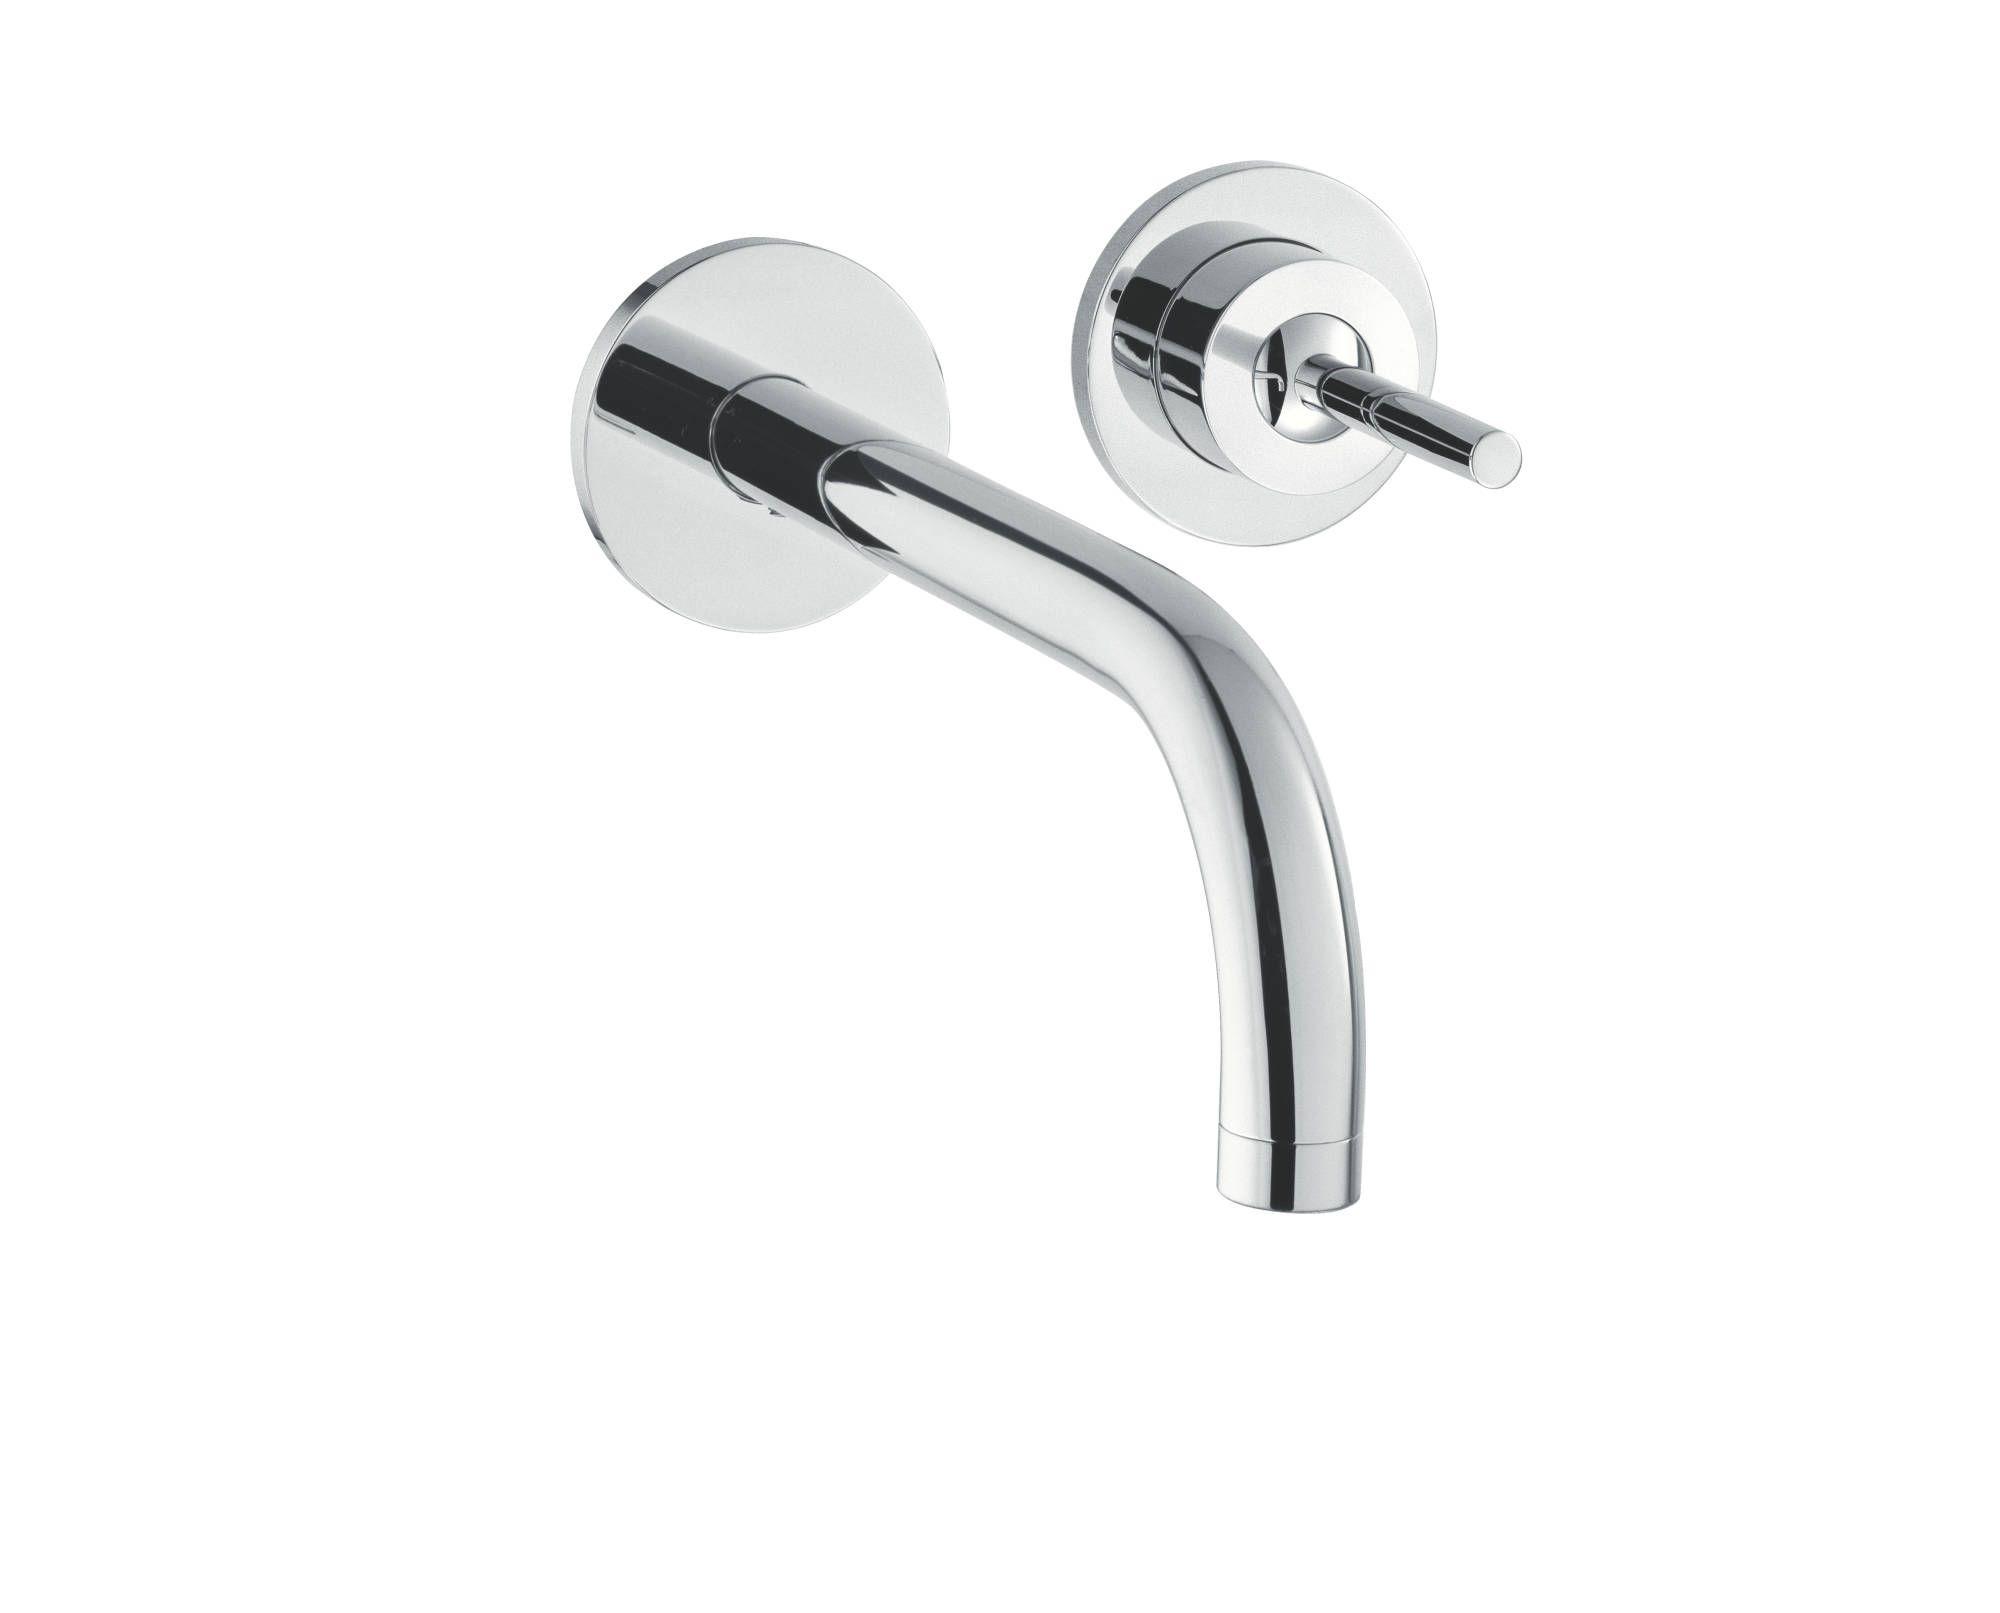 Axor Uno Washbasin Faucets Chrome 38116000 Wash Basin Basin Mixer Faucet